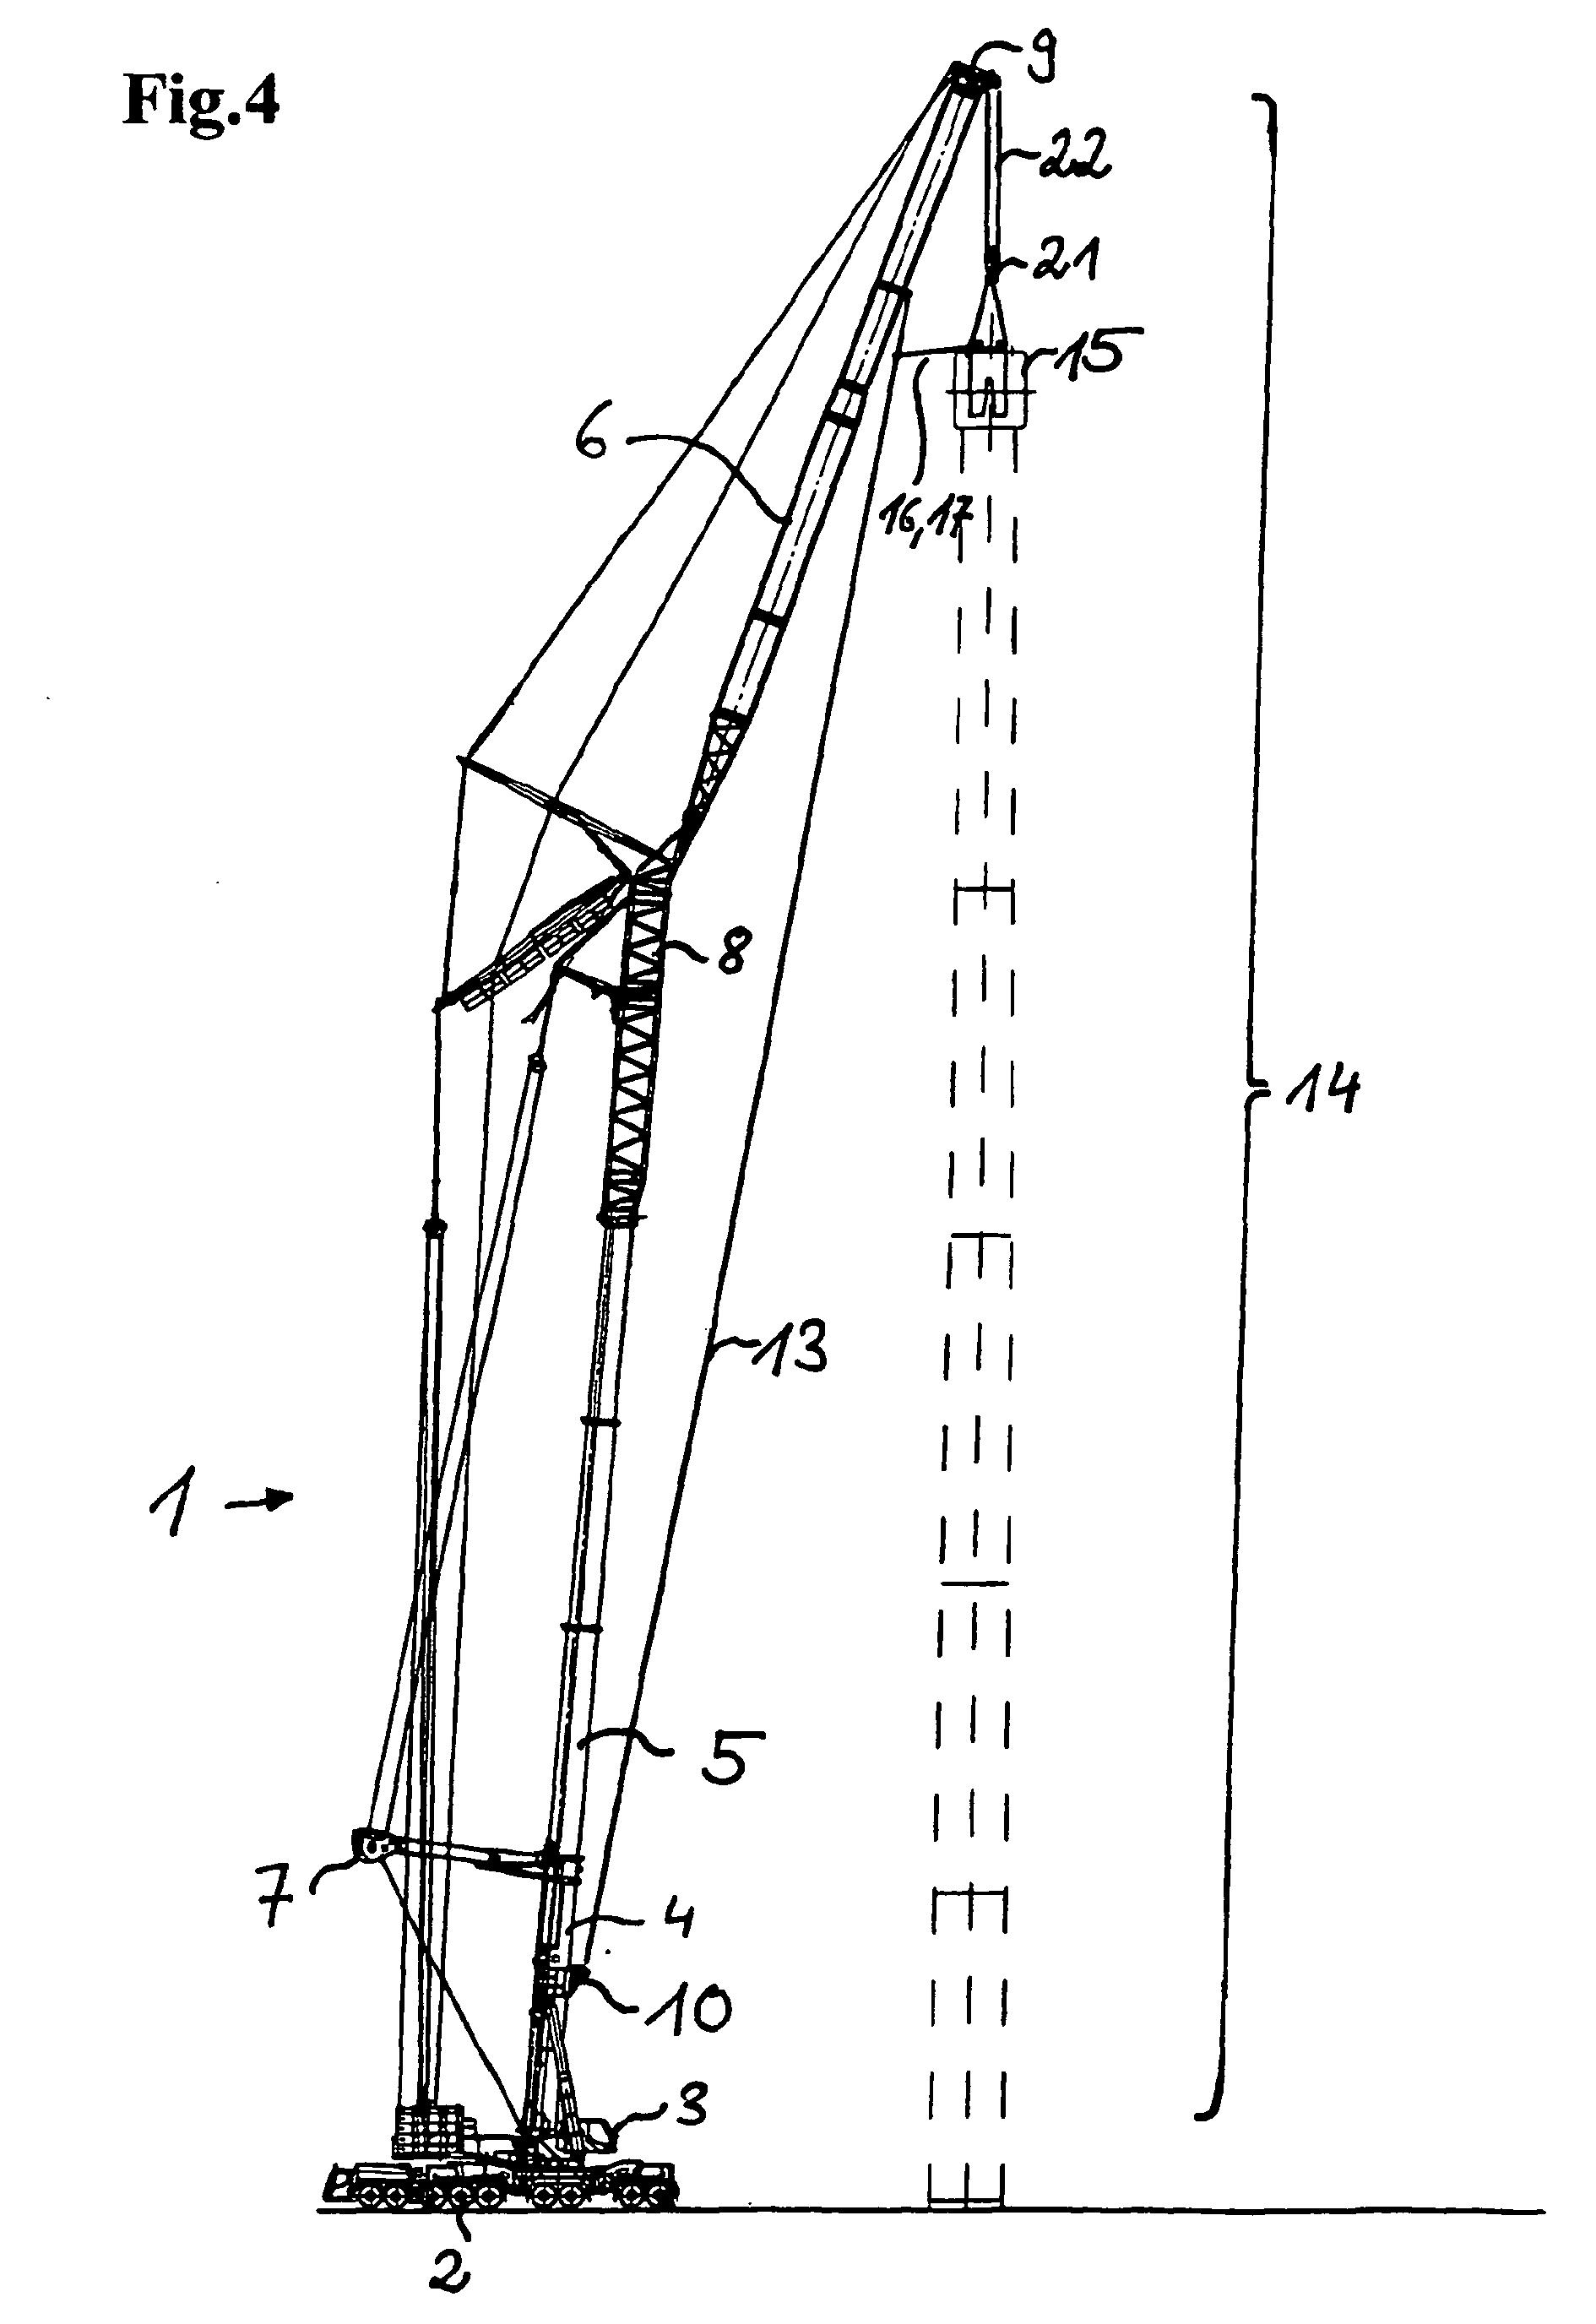 tags: #crane lifting diagram#hook crane part names#crane parts diagram#mobile  crane diagram#overhead crane diagram#cranes hooks diagrams with